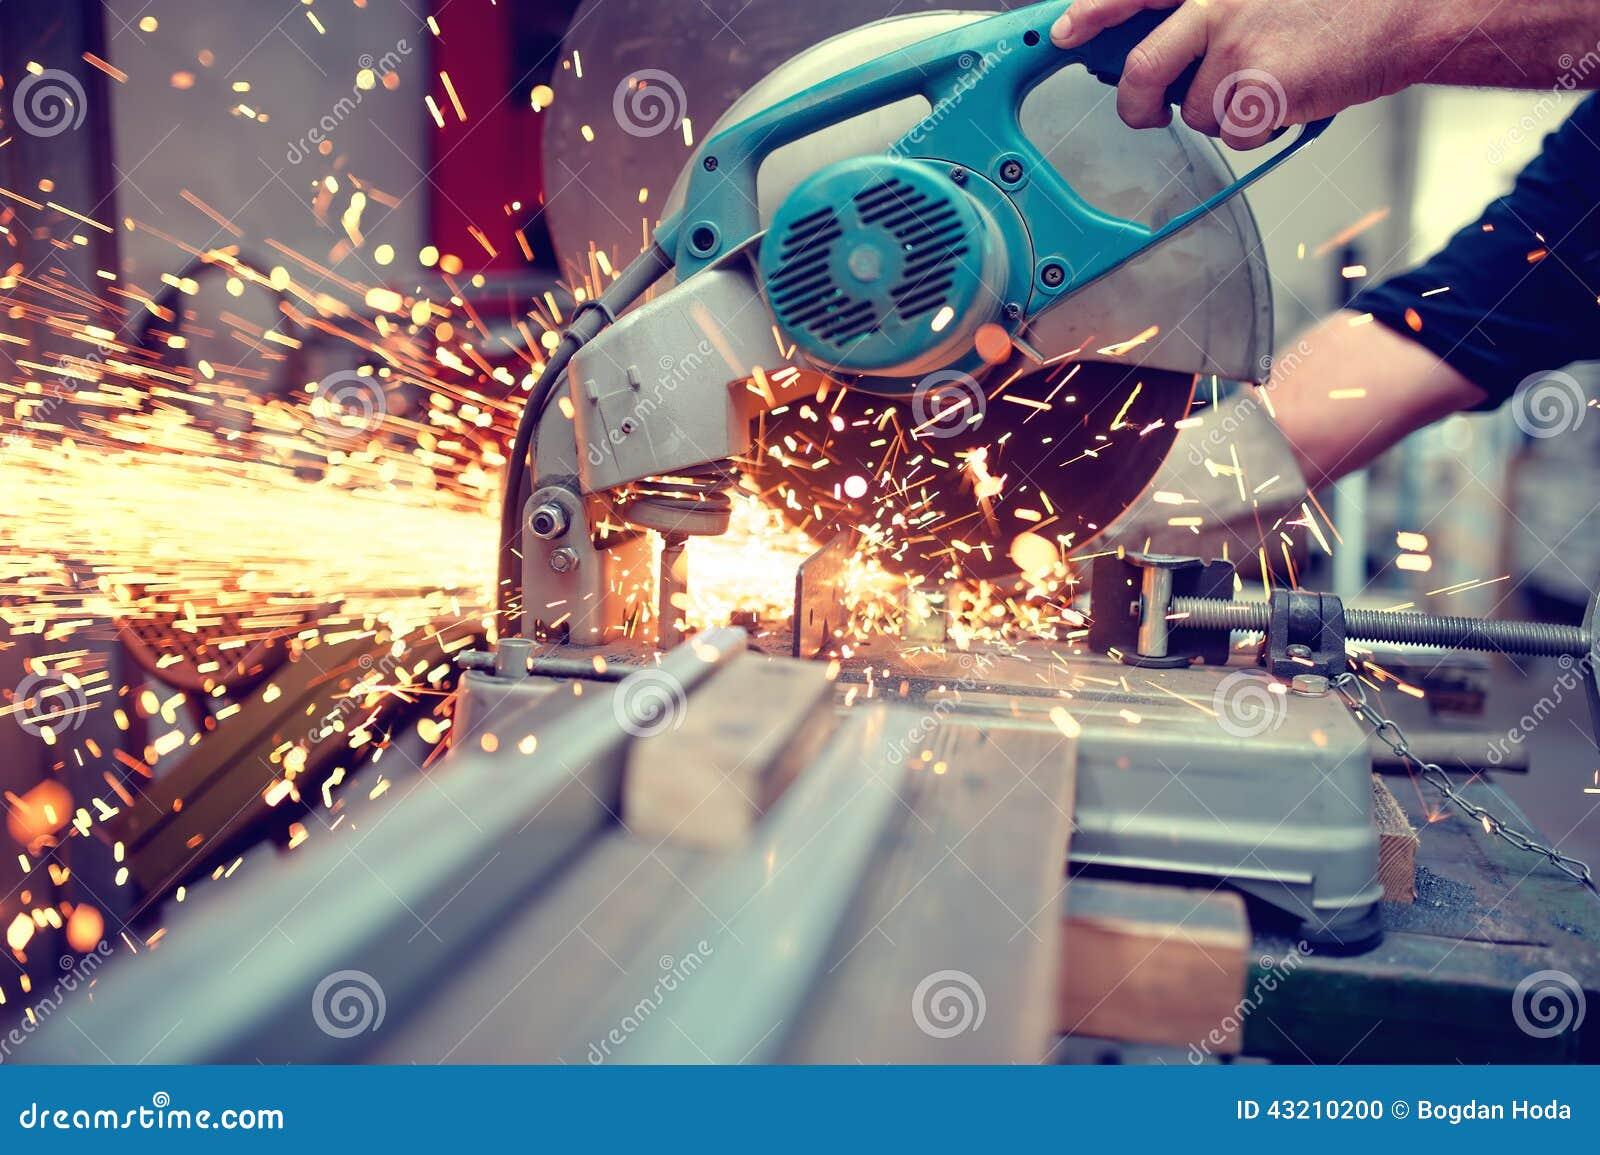 Coordenador industrial que trabalha em cortar um metal e um aço